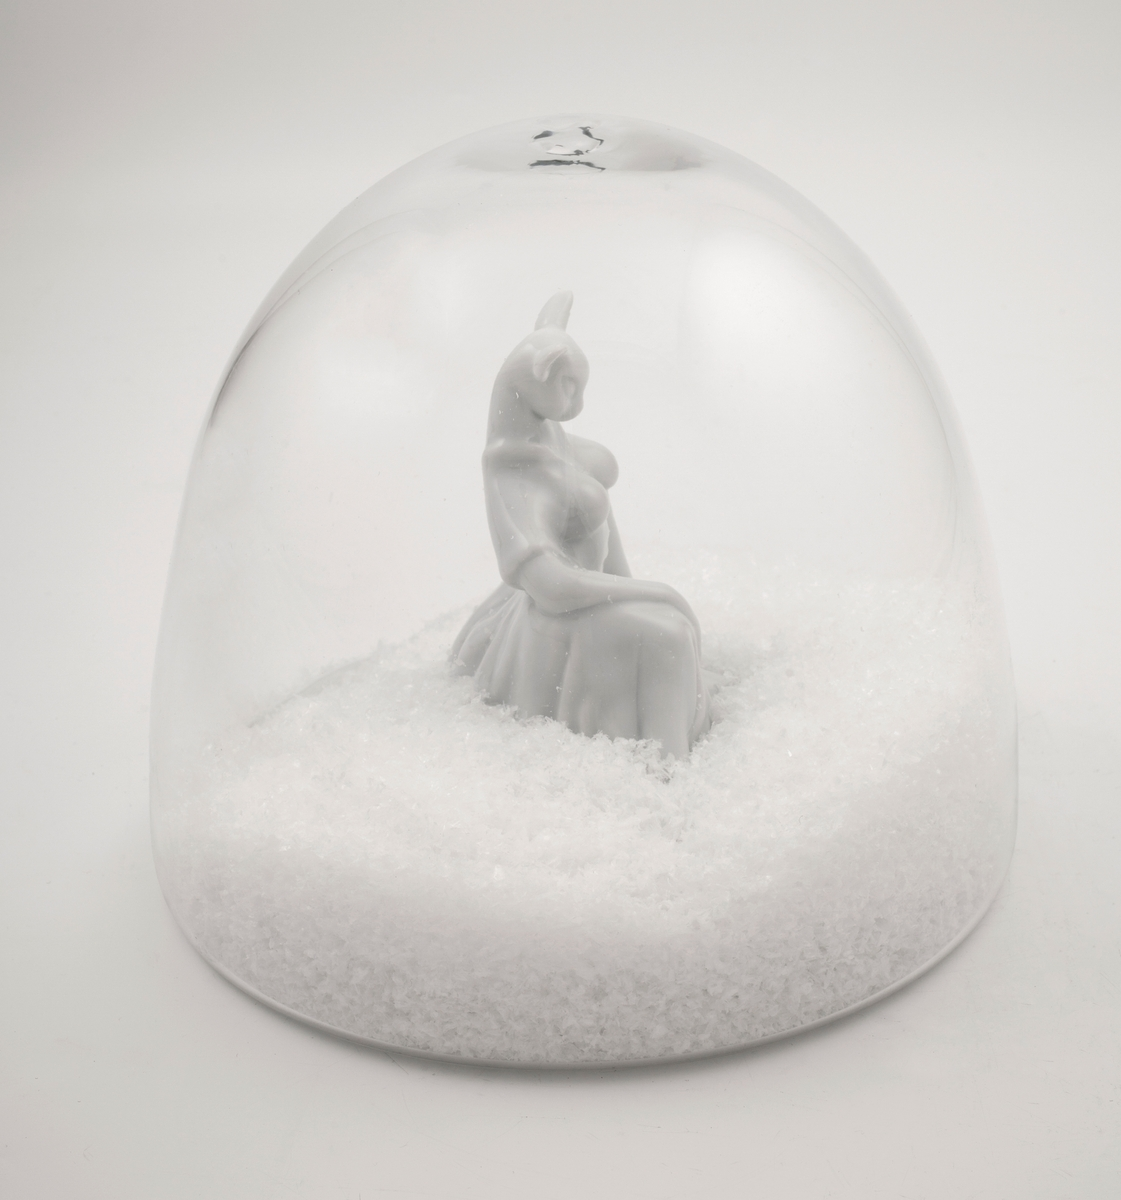 Hvit porselensfigur med rådyrhode og menneskekropp, plassert i omsluttende glasskuppel med kunstige snøfnugg.